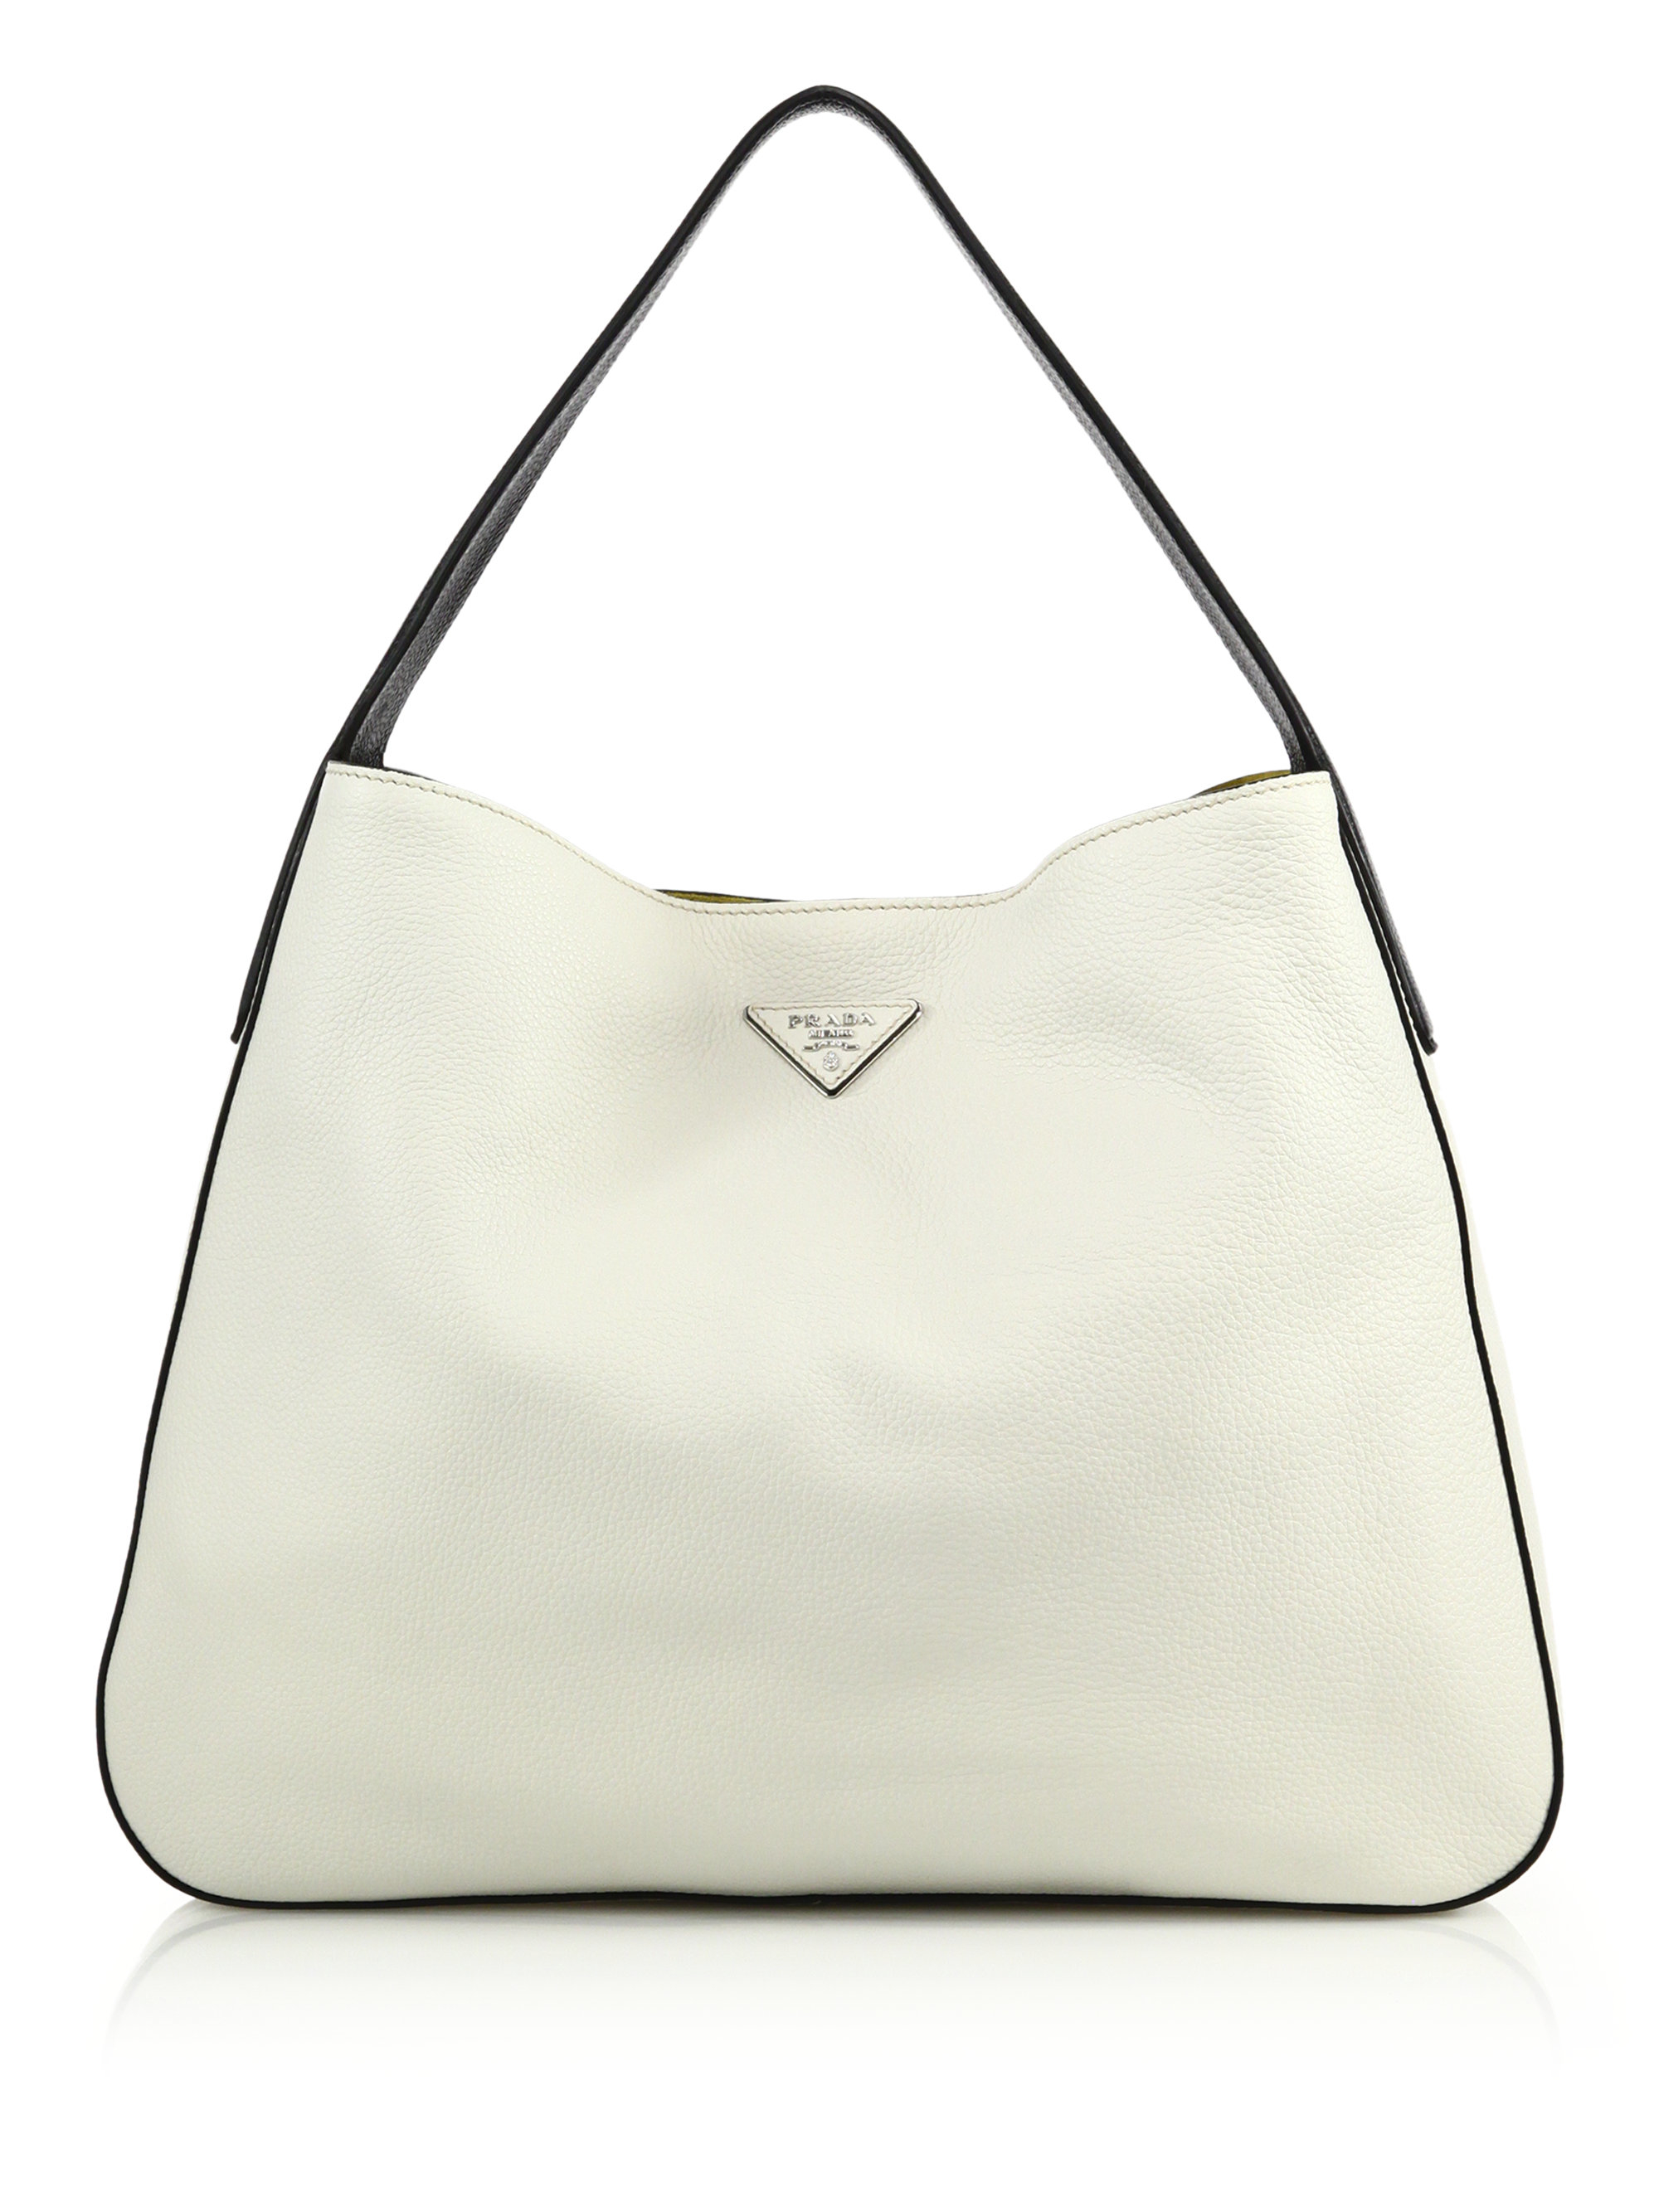 14da438be7 ... new zealand lyst prada daino bicolor hobo bag in white f06ba 50c78